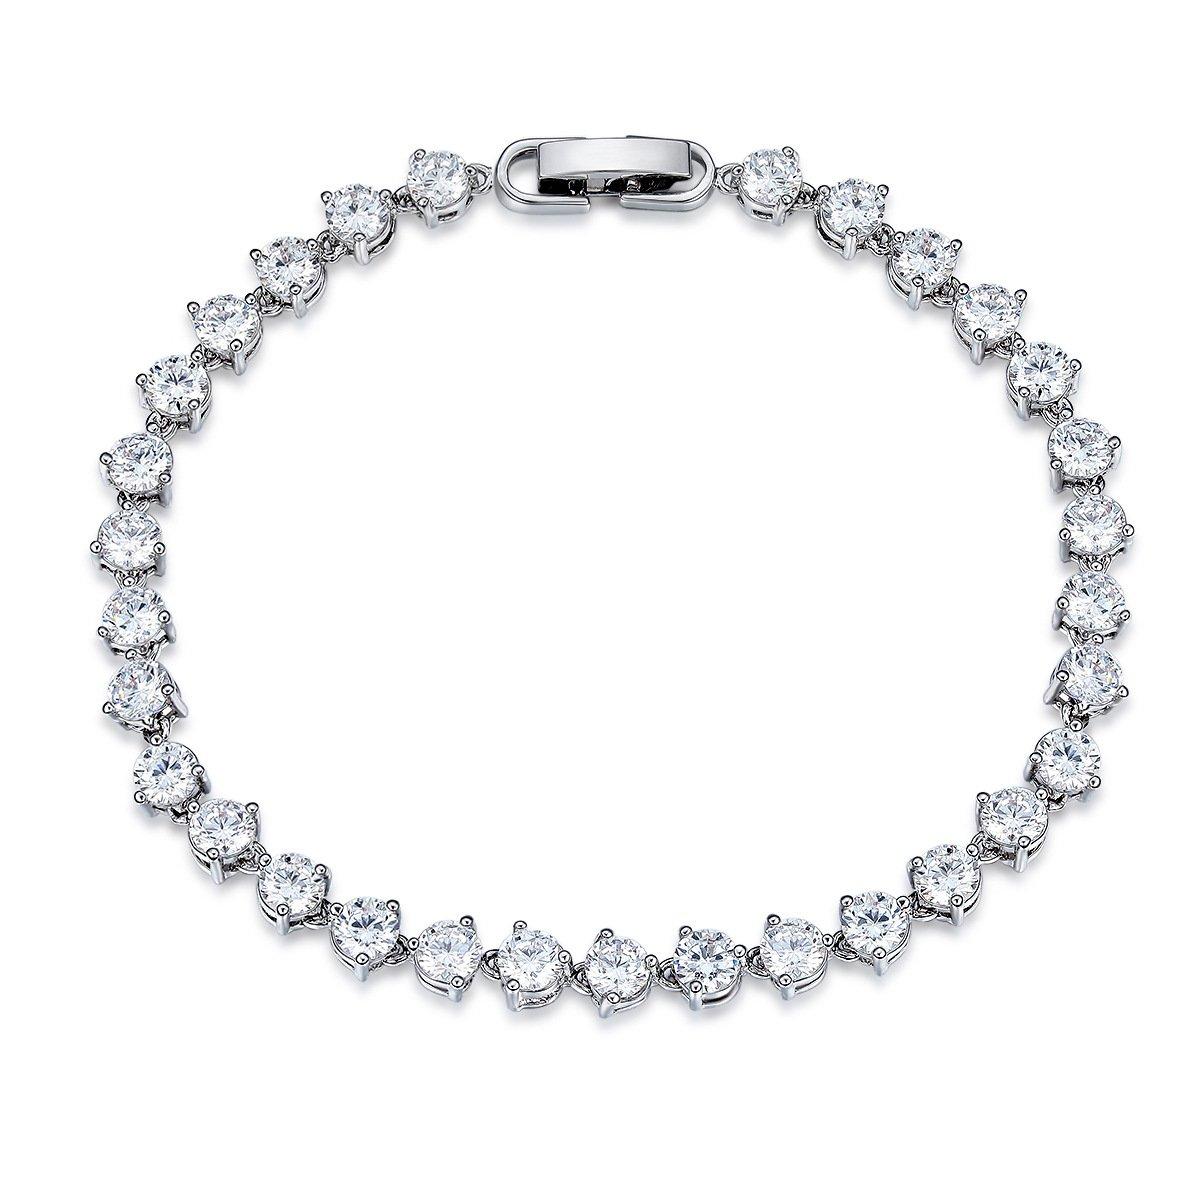 UMODE Jewelry Fashion 0.3ct Cubic Zirconia CZ Diamond Tennis Bracelet yiwu xilin trading company ltd. UB0087CA